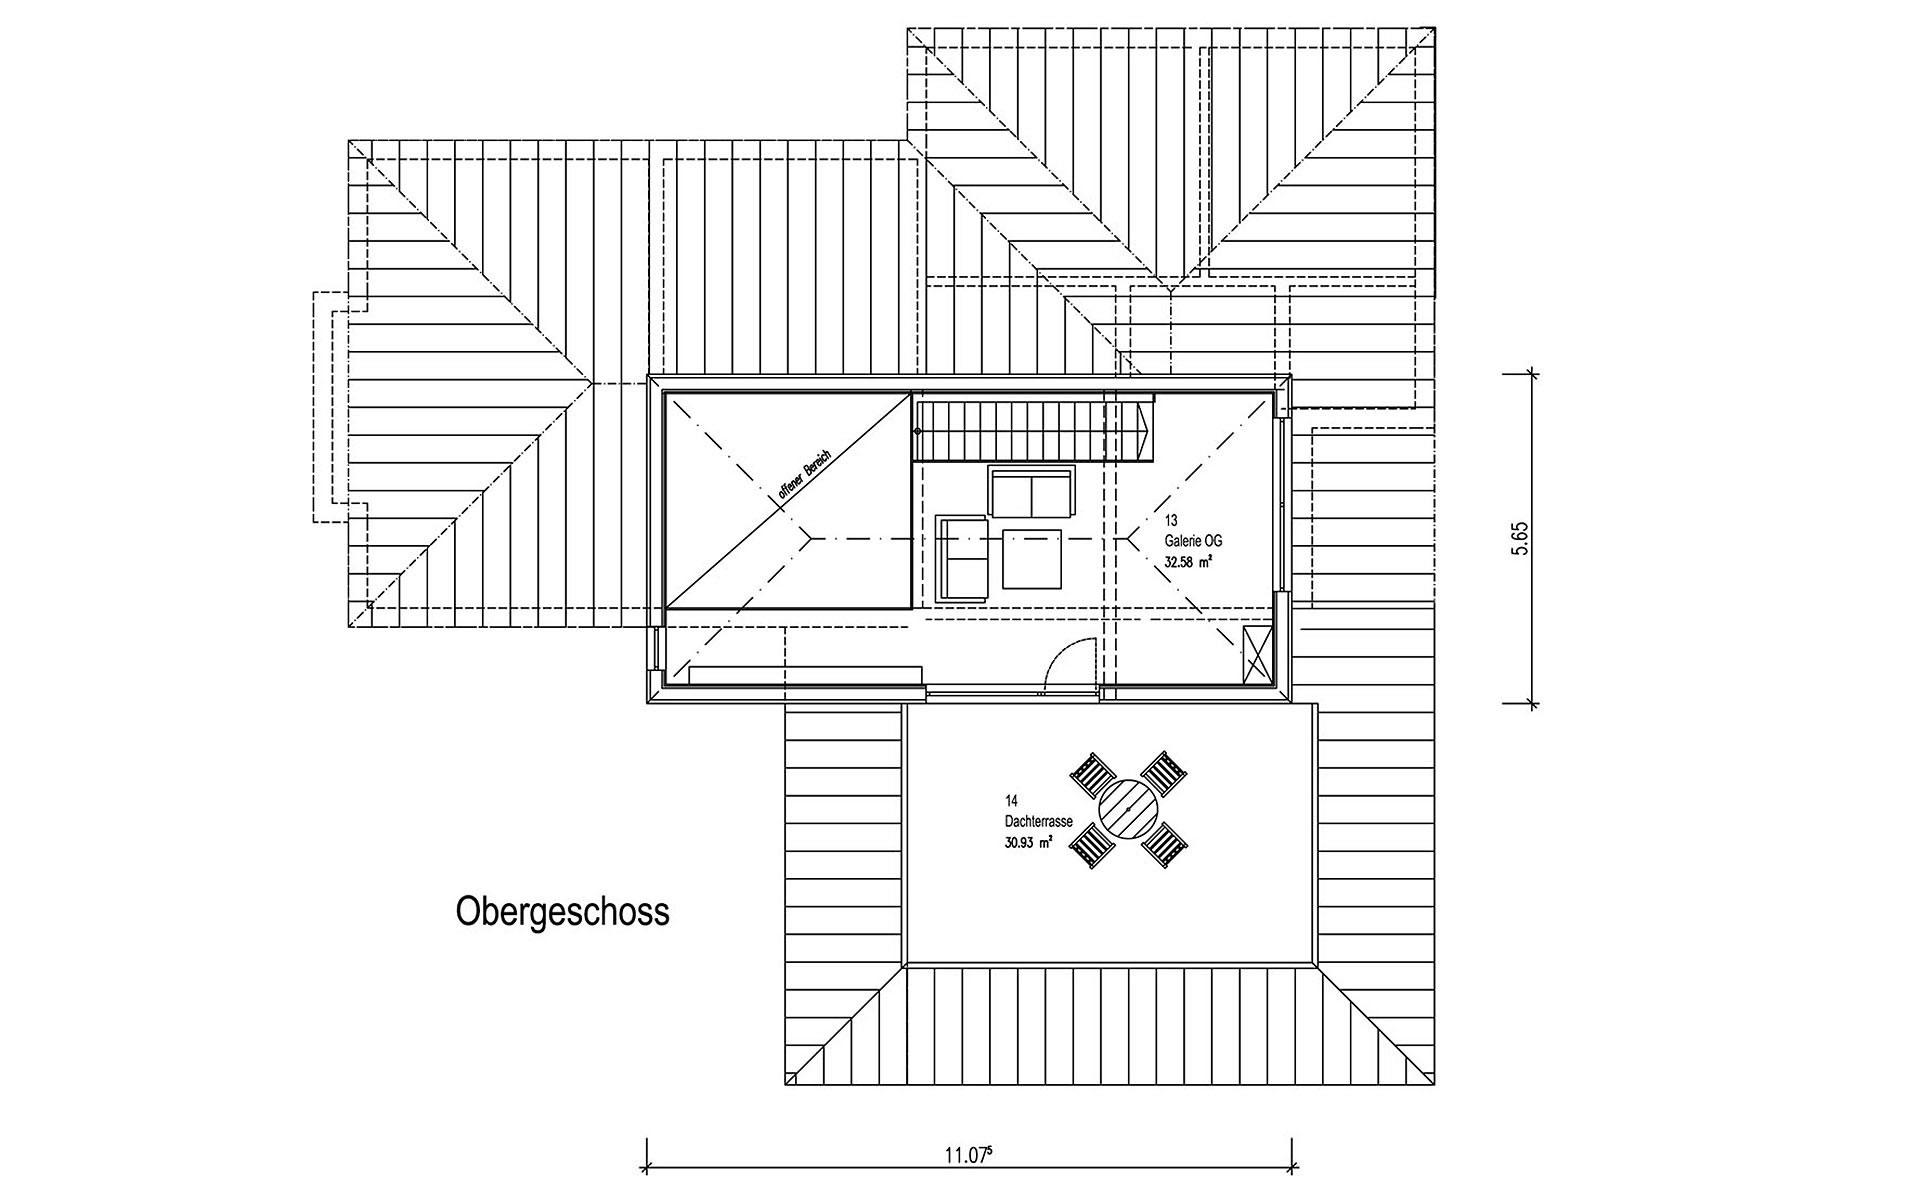 Obergeschoss Freilinger von Sonnleitner Holzbauwerke GmbH & Co. KG